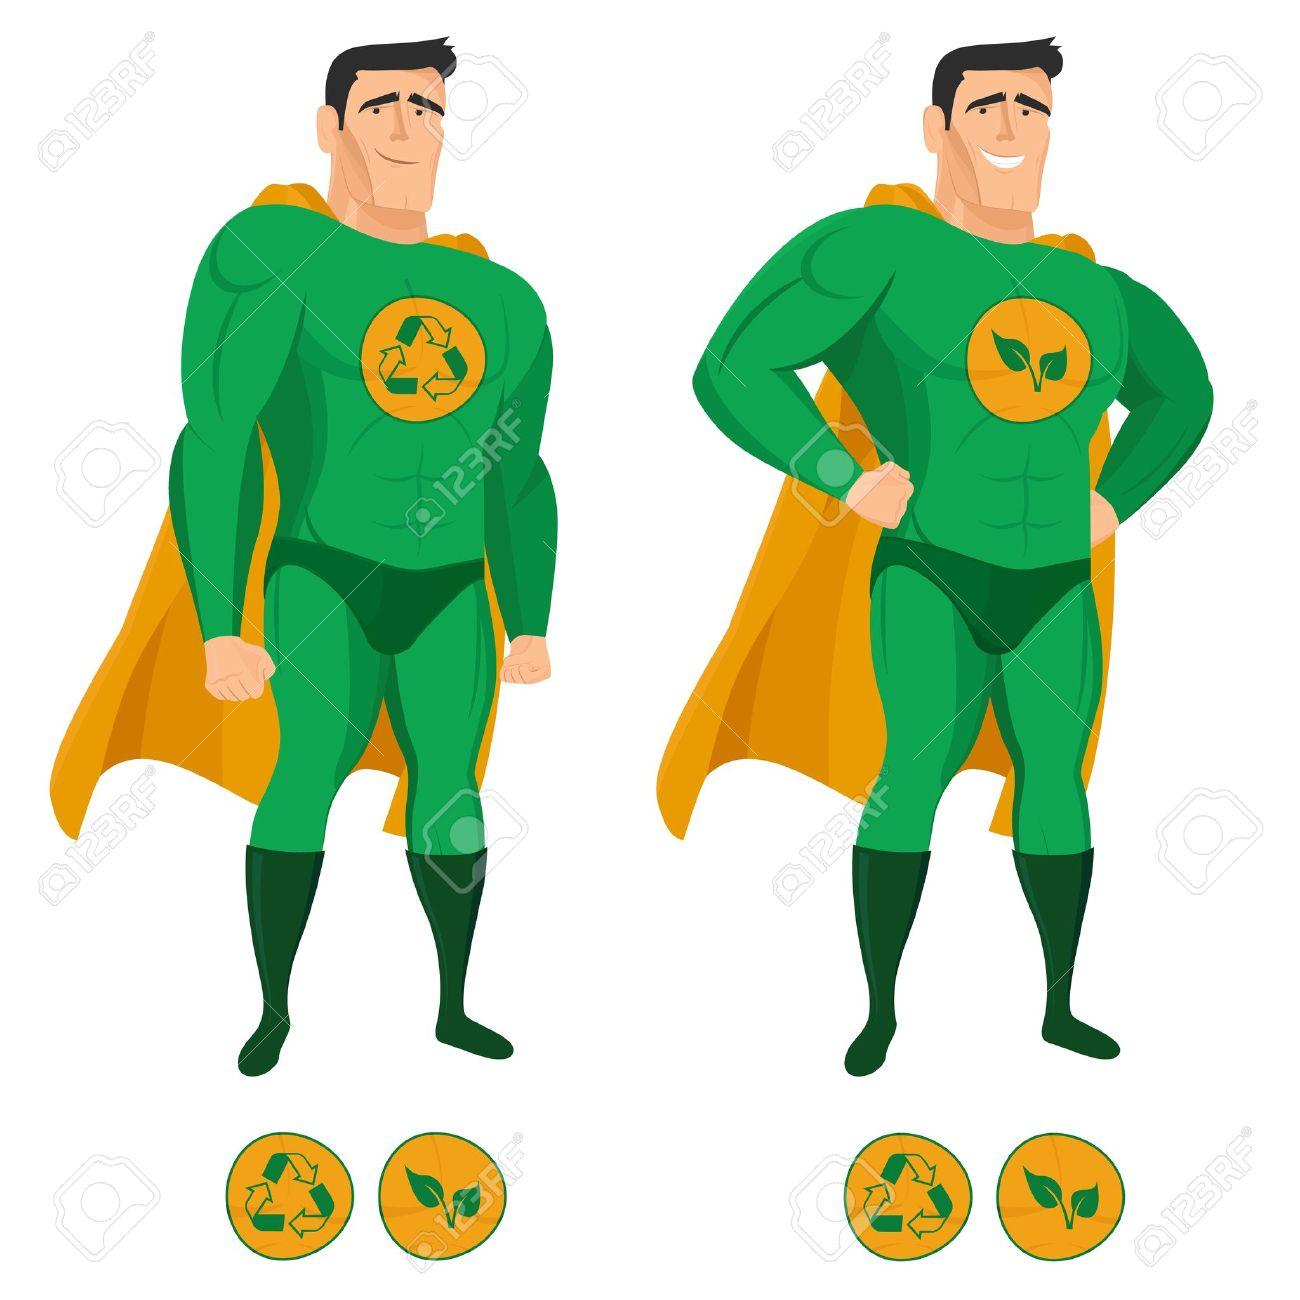 revendeur comment chercher couleurs harmonieuses Recycler super-héros en uniforme vert avec une cape